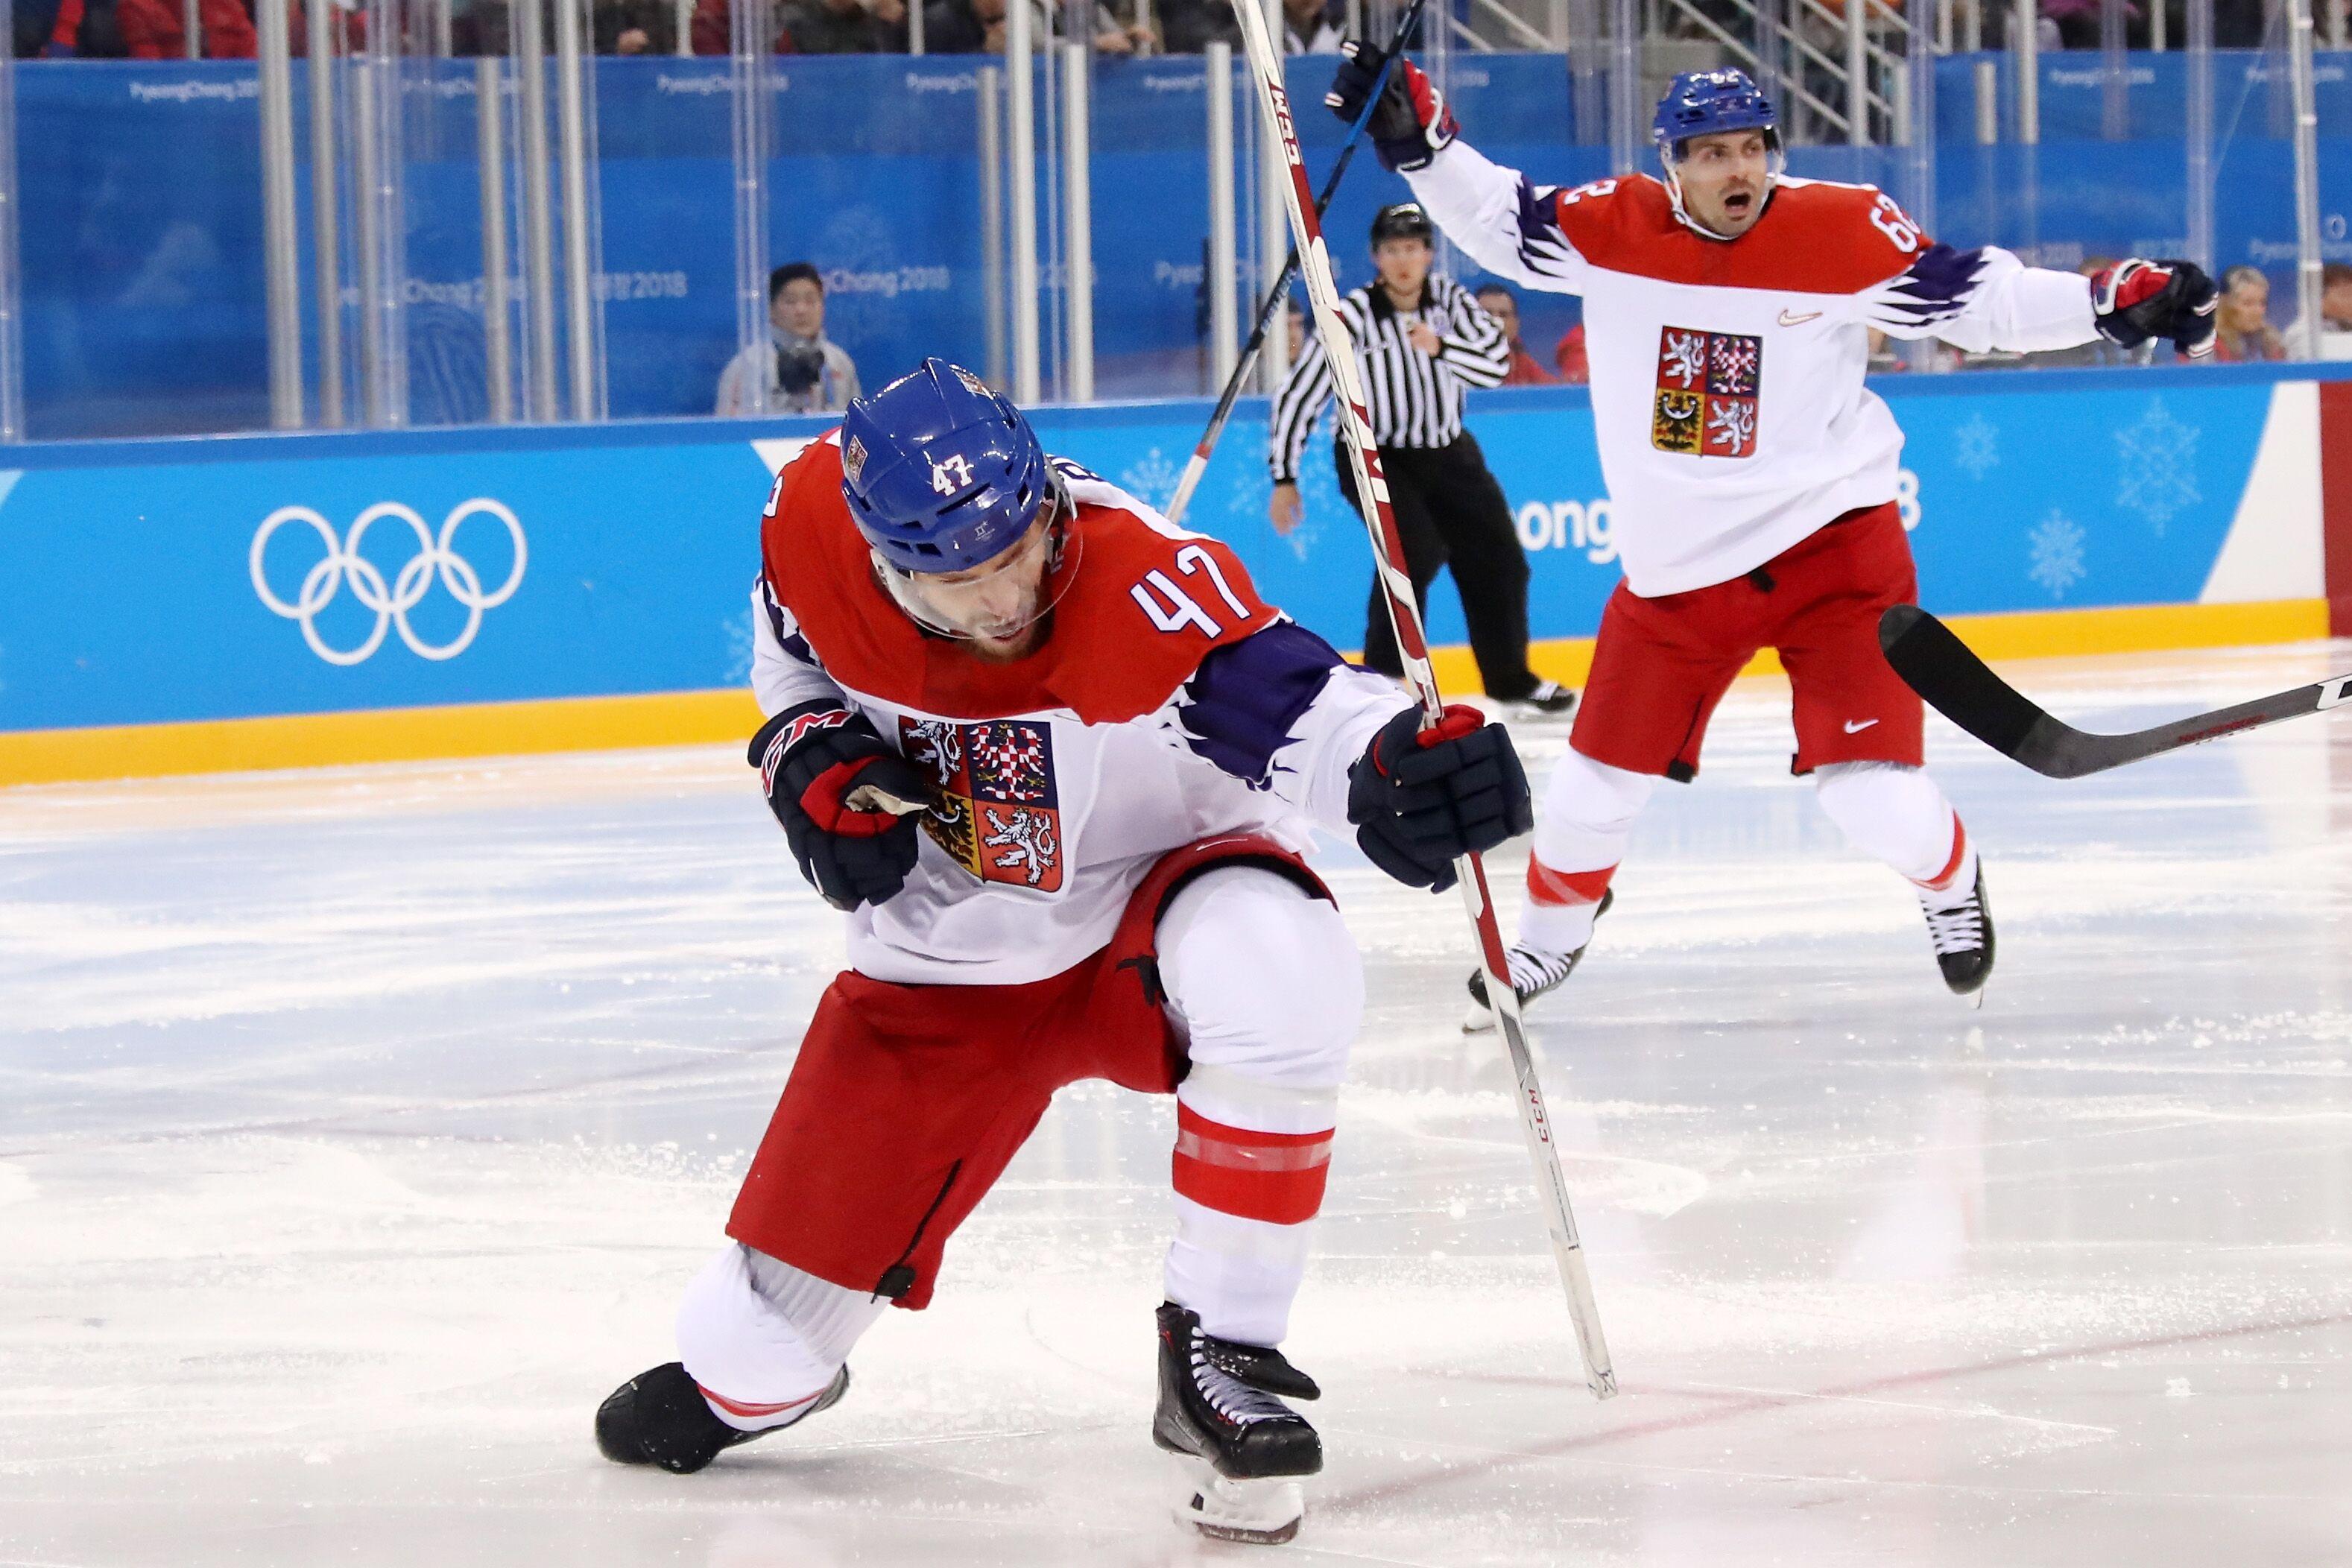 919180674-ice-hockey-winter-olympics-day